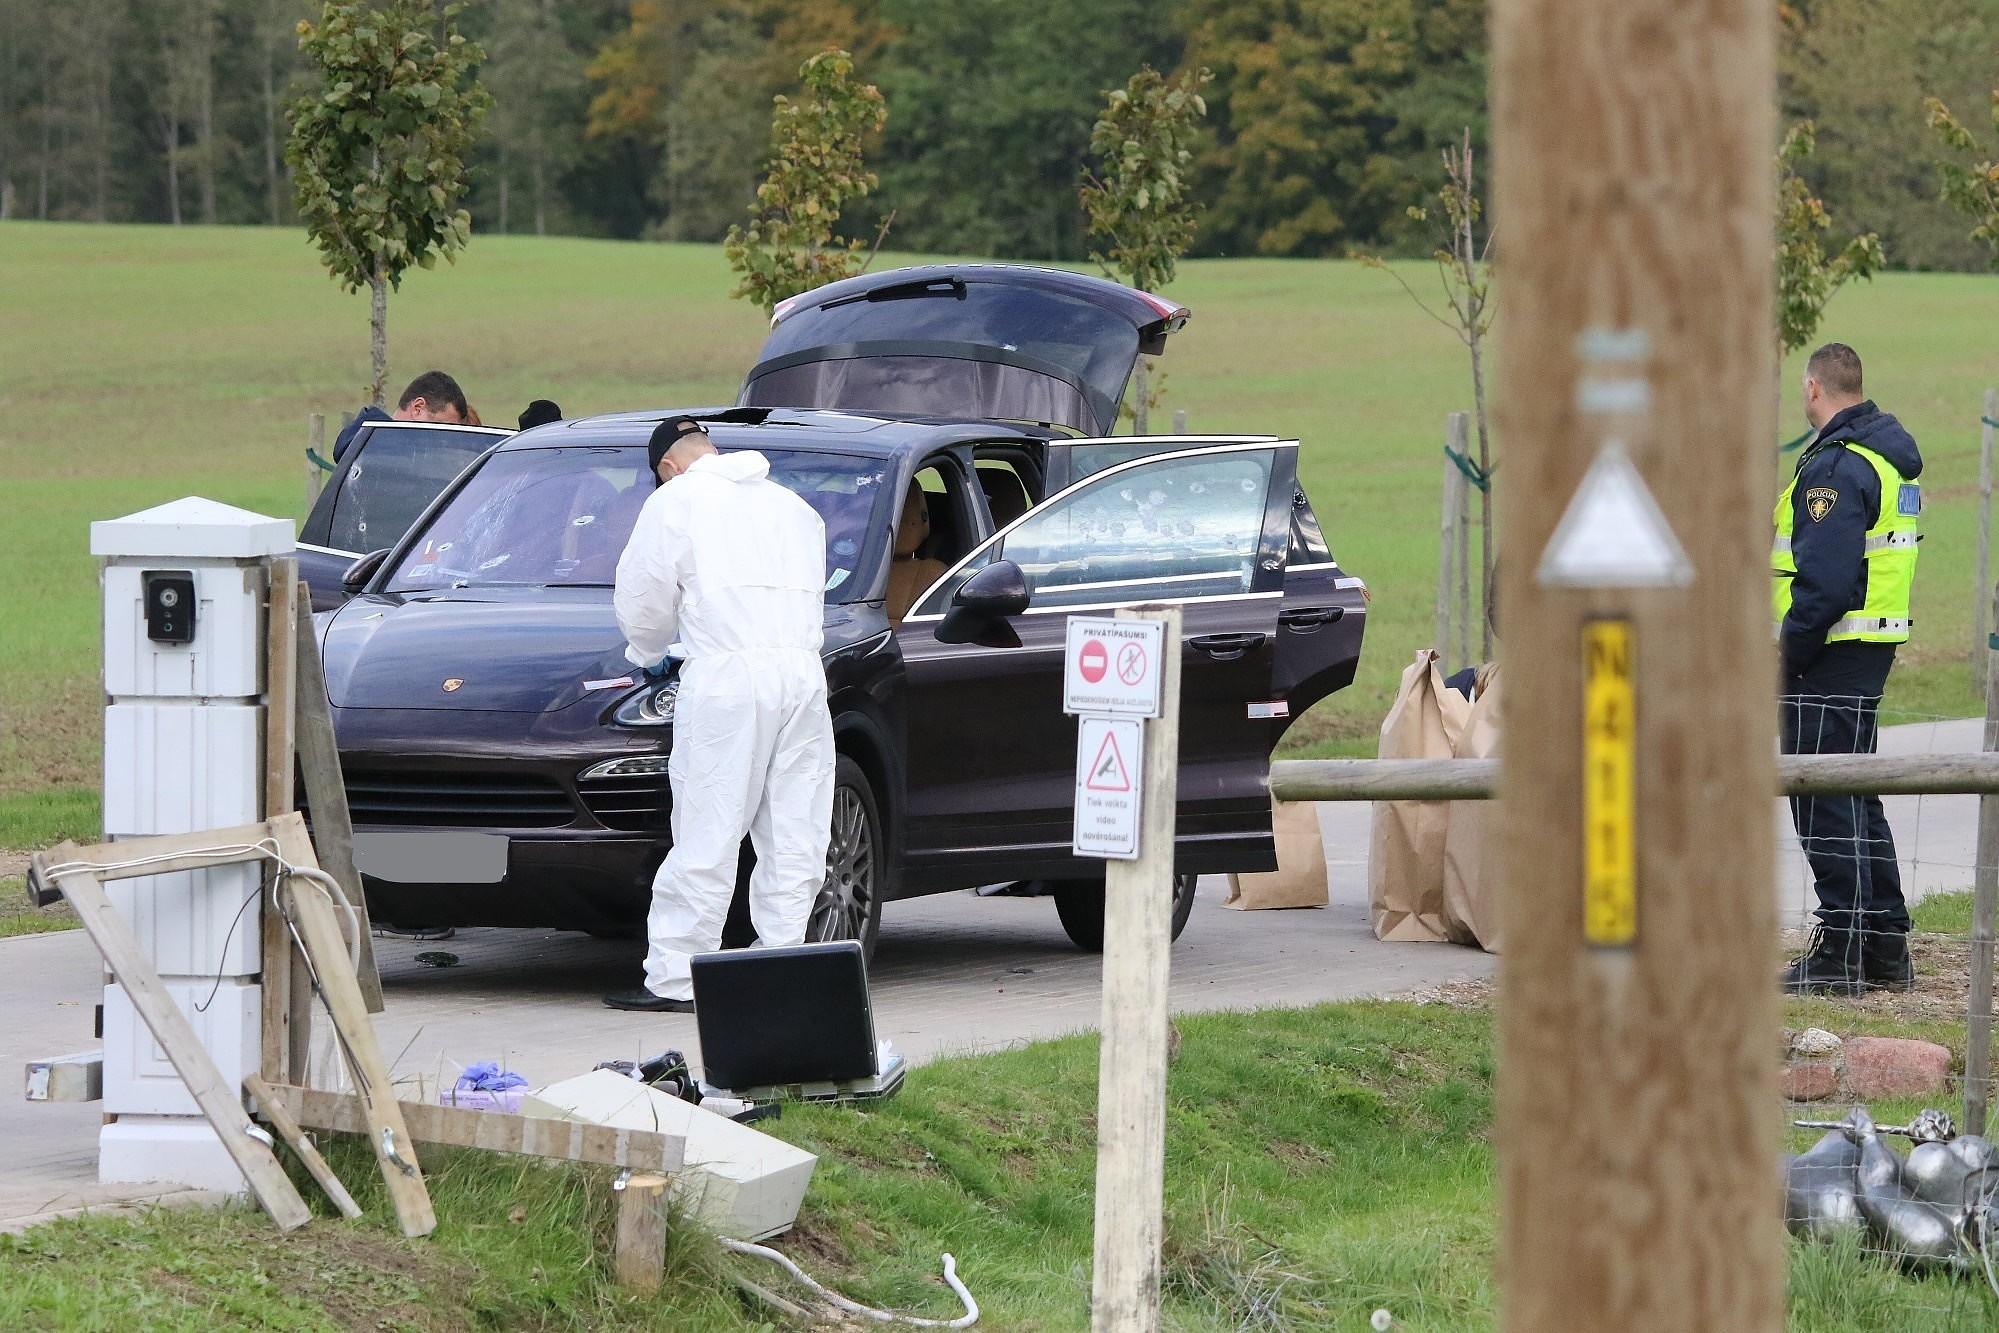 Стрельба, вероятно, была связана с бизнесом пострадавших за рубежом